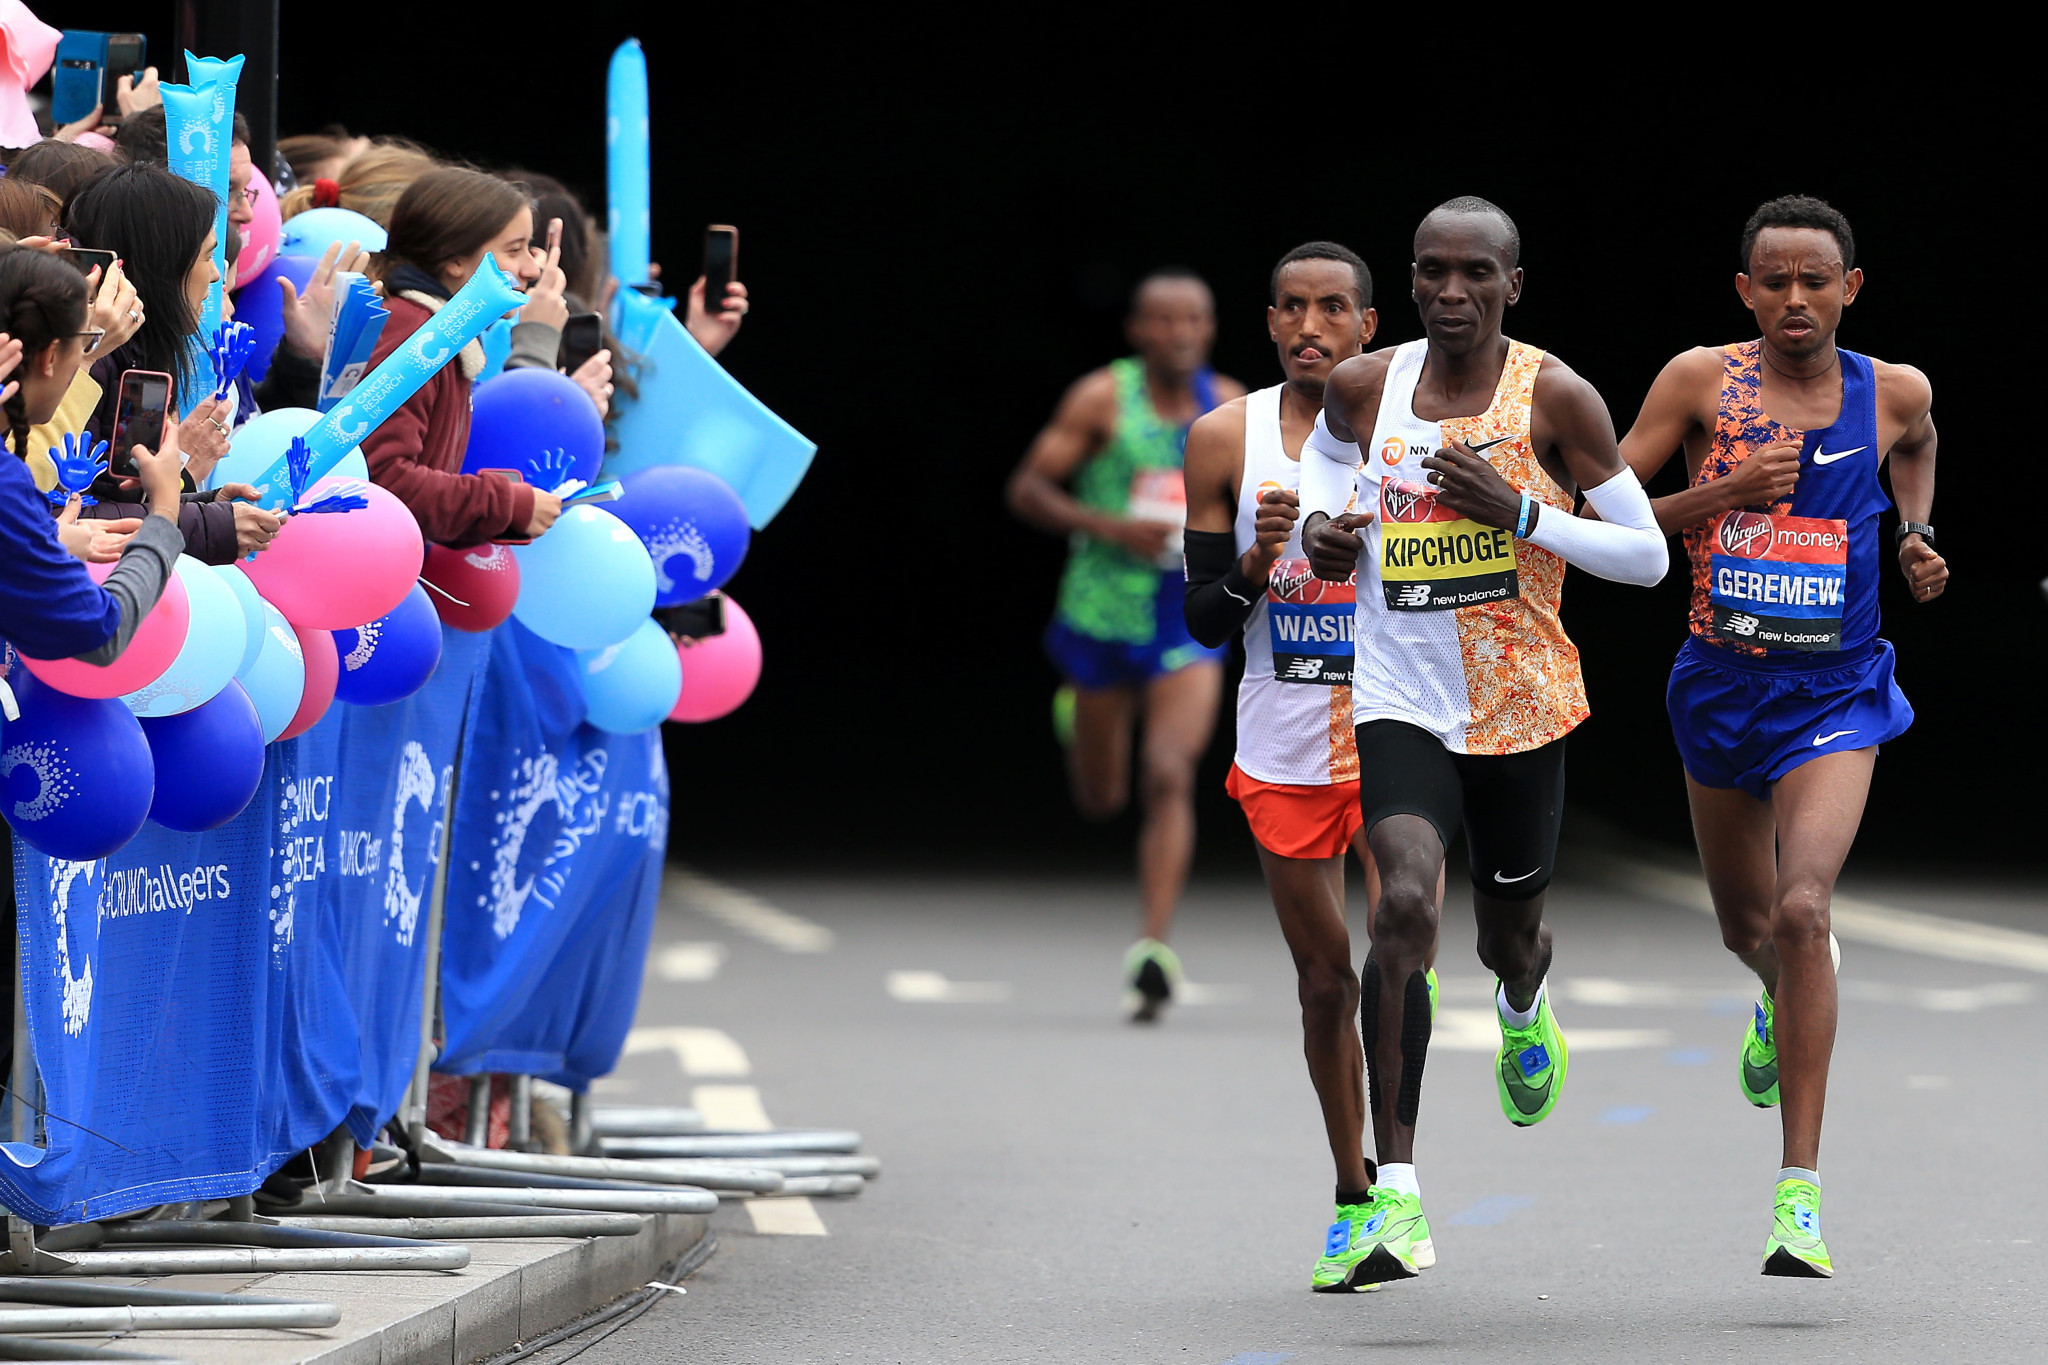 London and Boston Marathons postponed over coronavirus pandemic